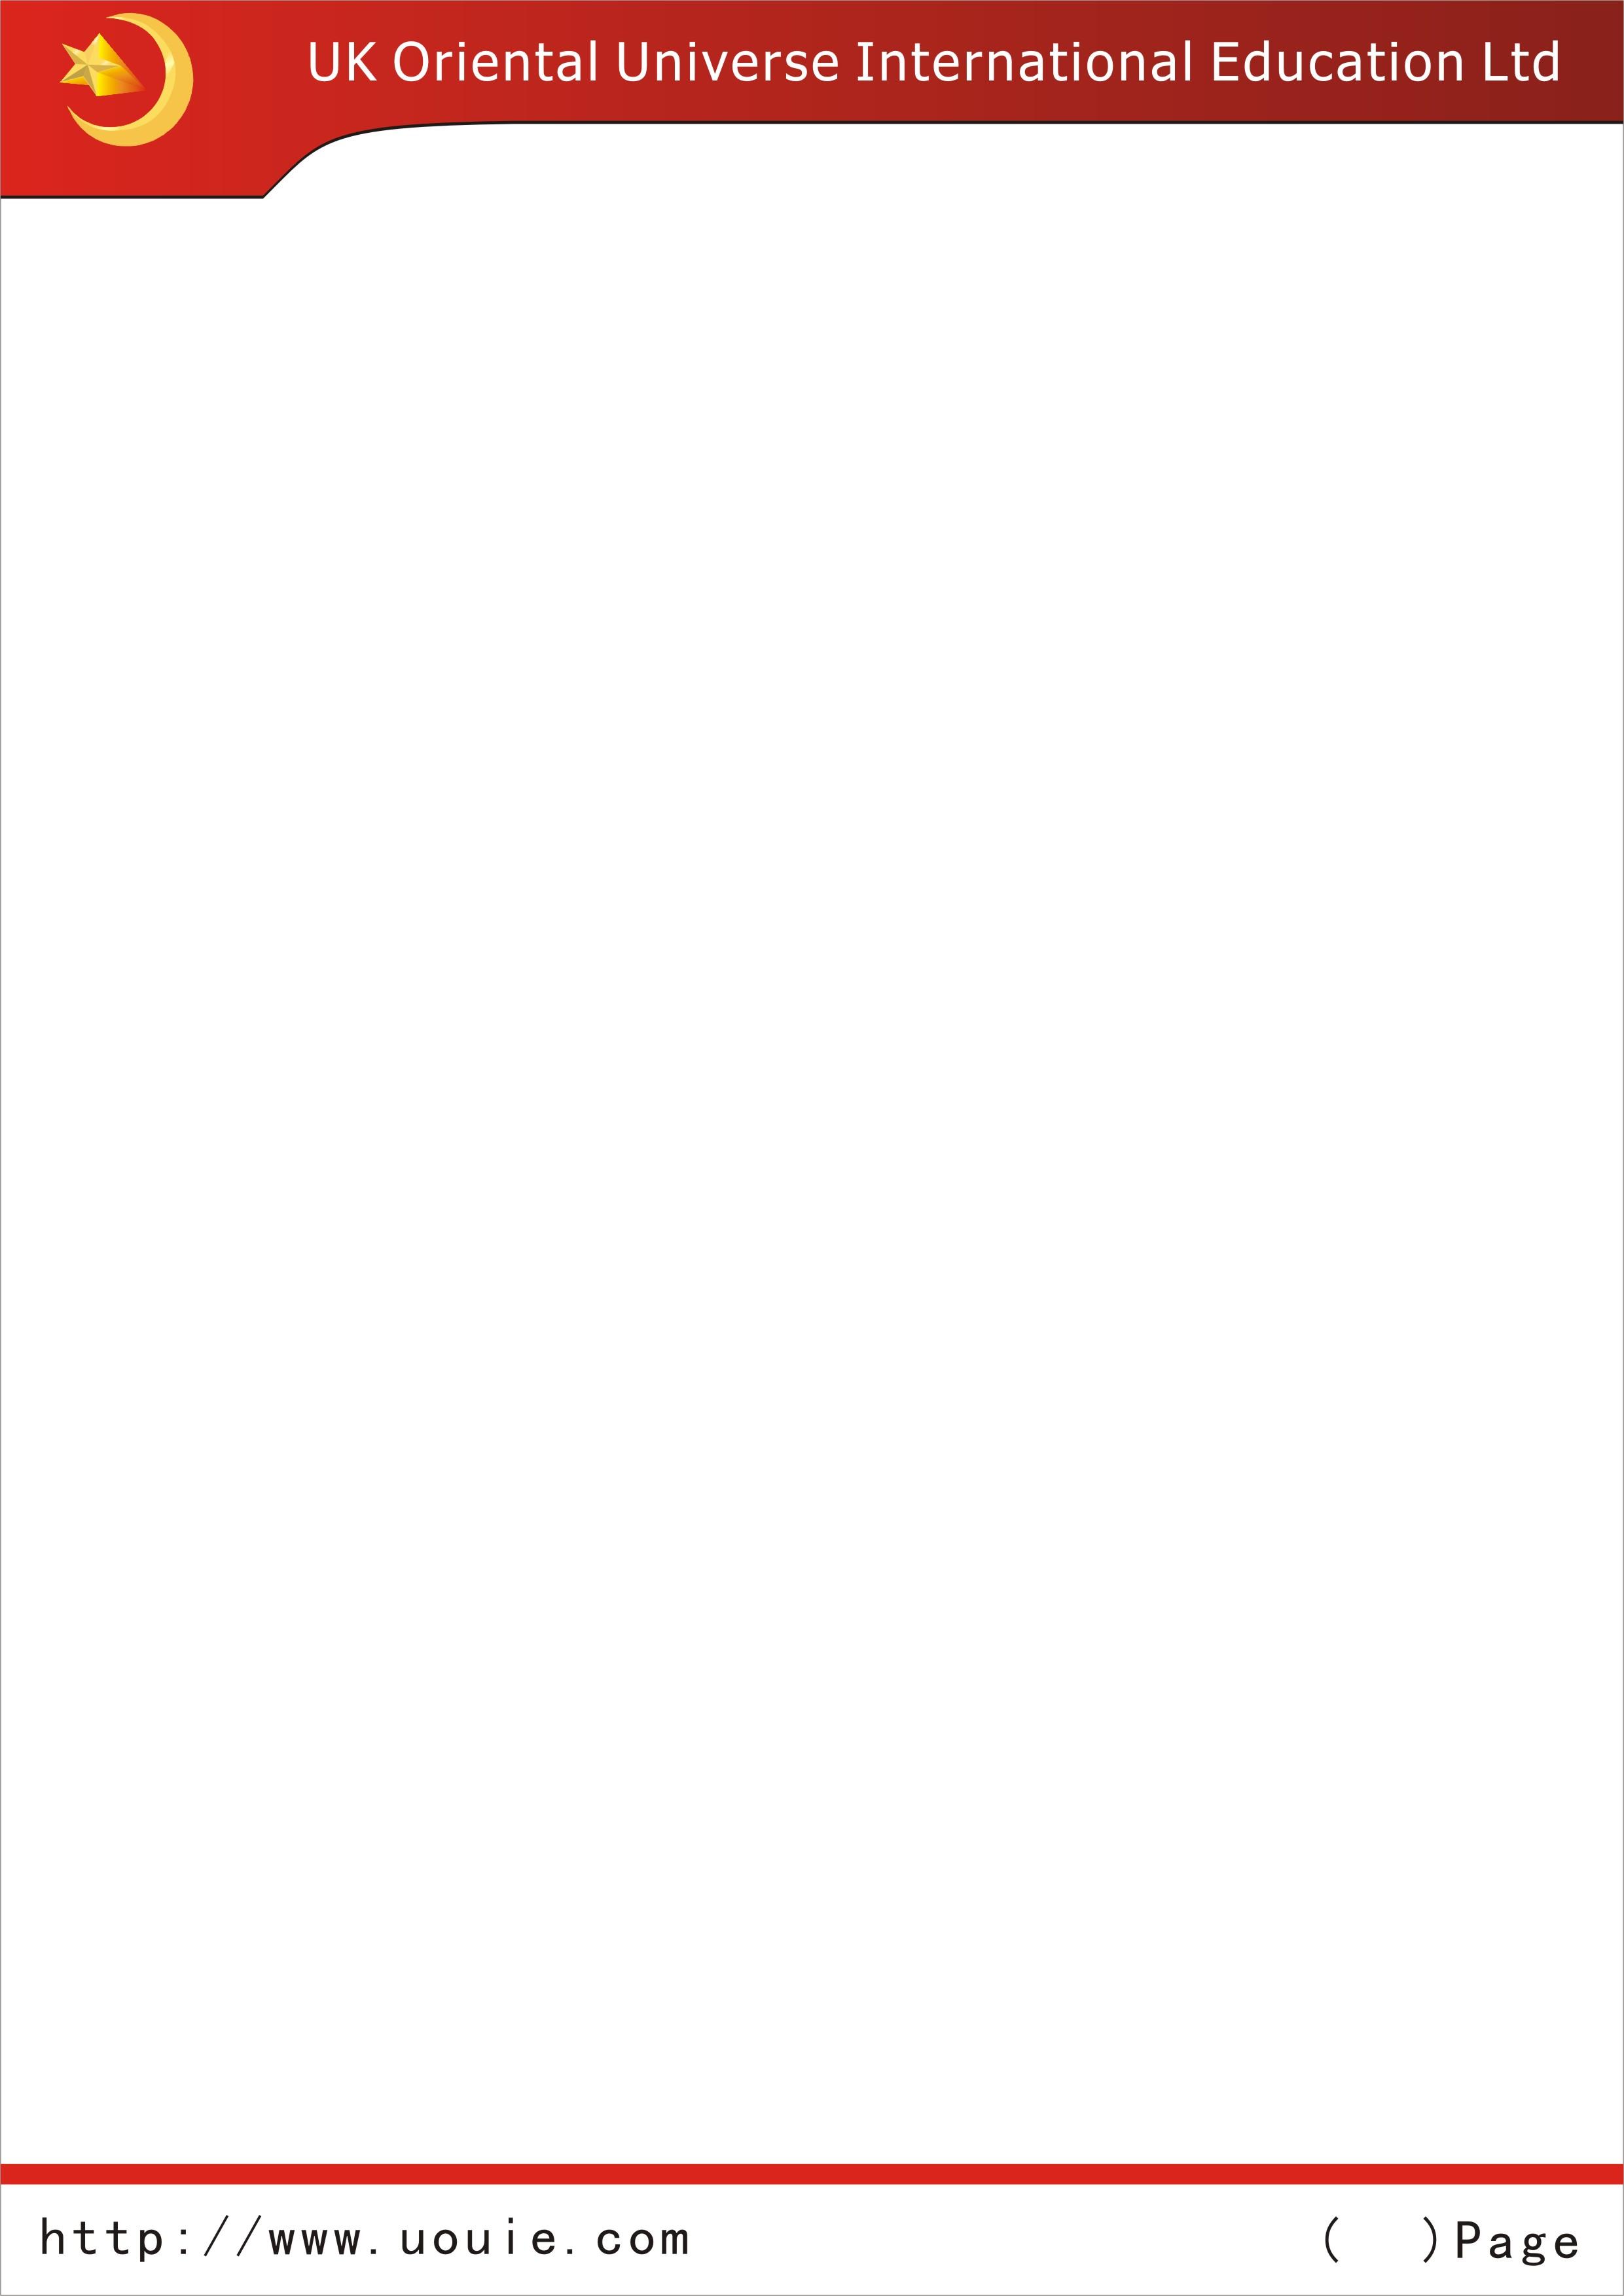 留学中介公司的logo,名片和抬头纸设计